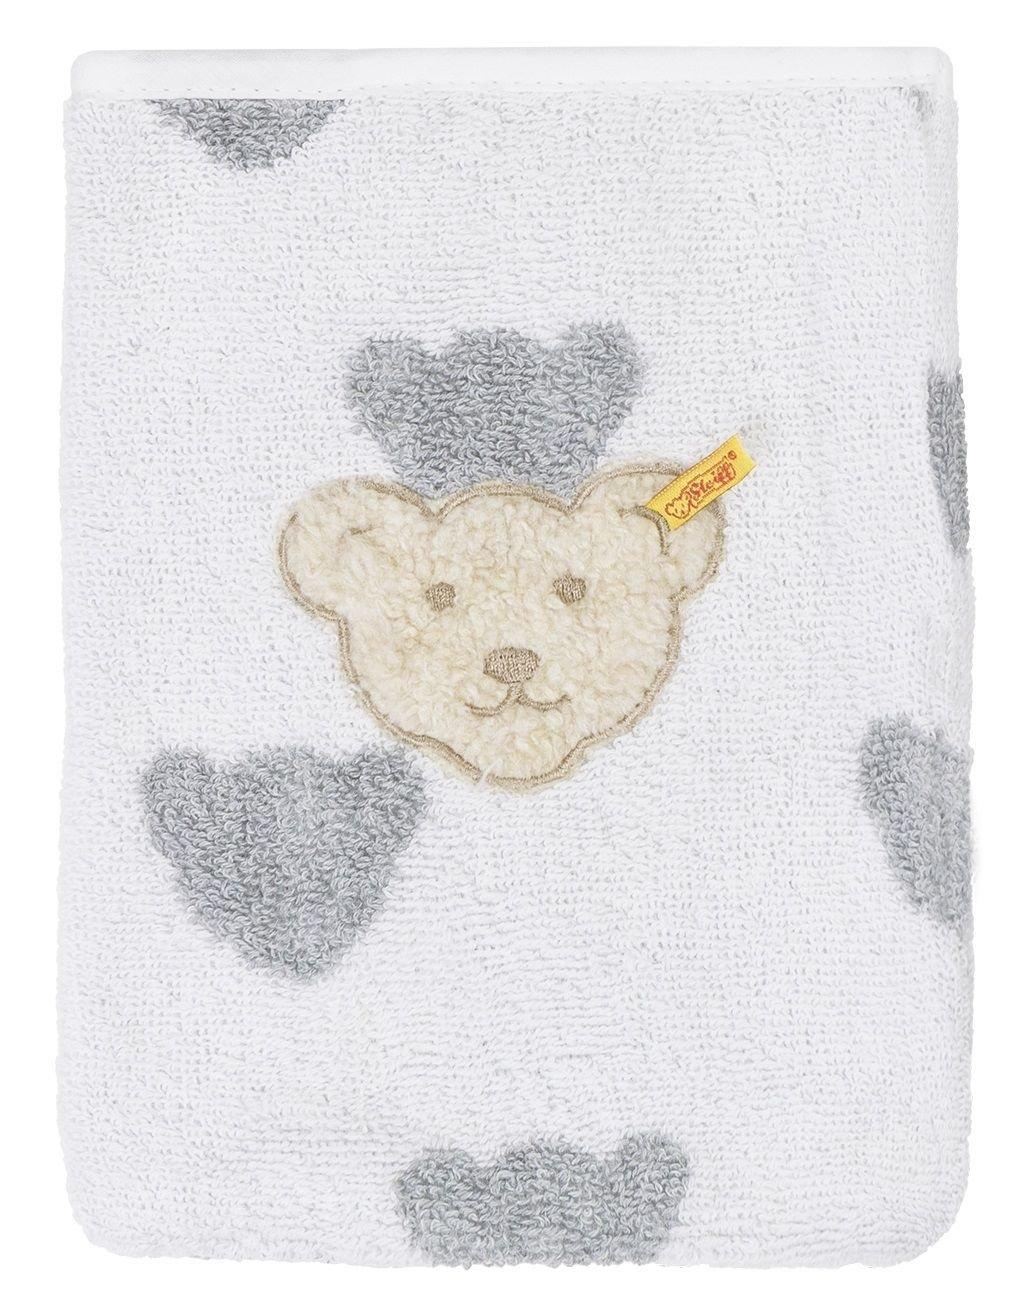 Steiff L000020308 Waschlappen wei/ß mit Teddyb/ärk/öpfen Babywaschlappen